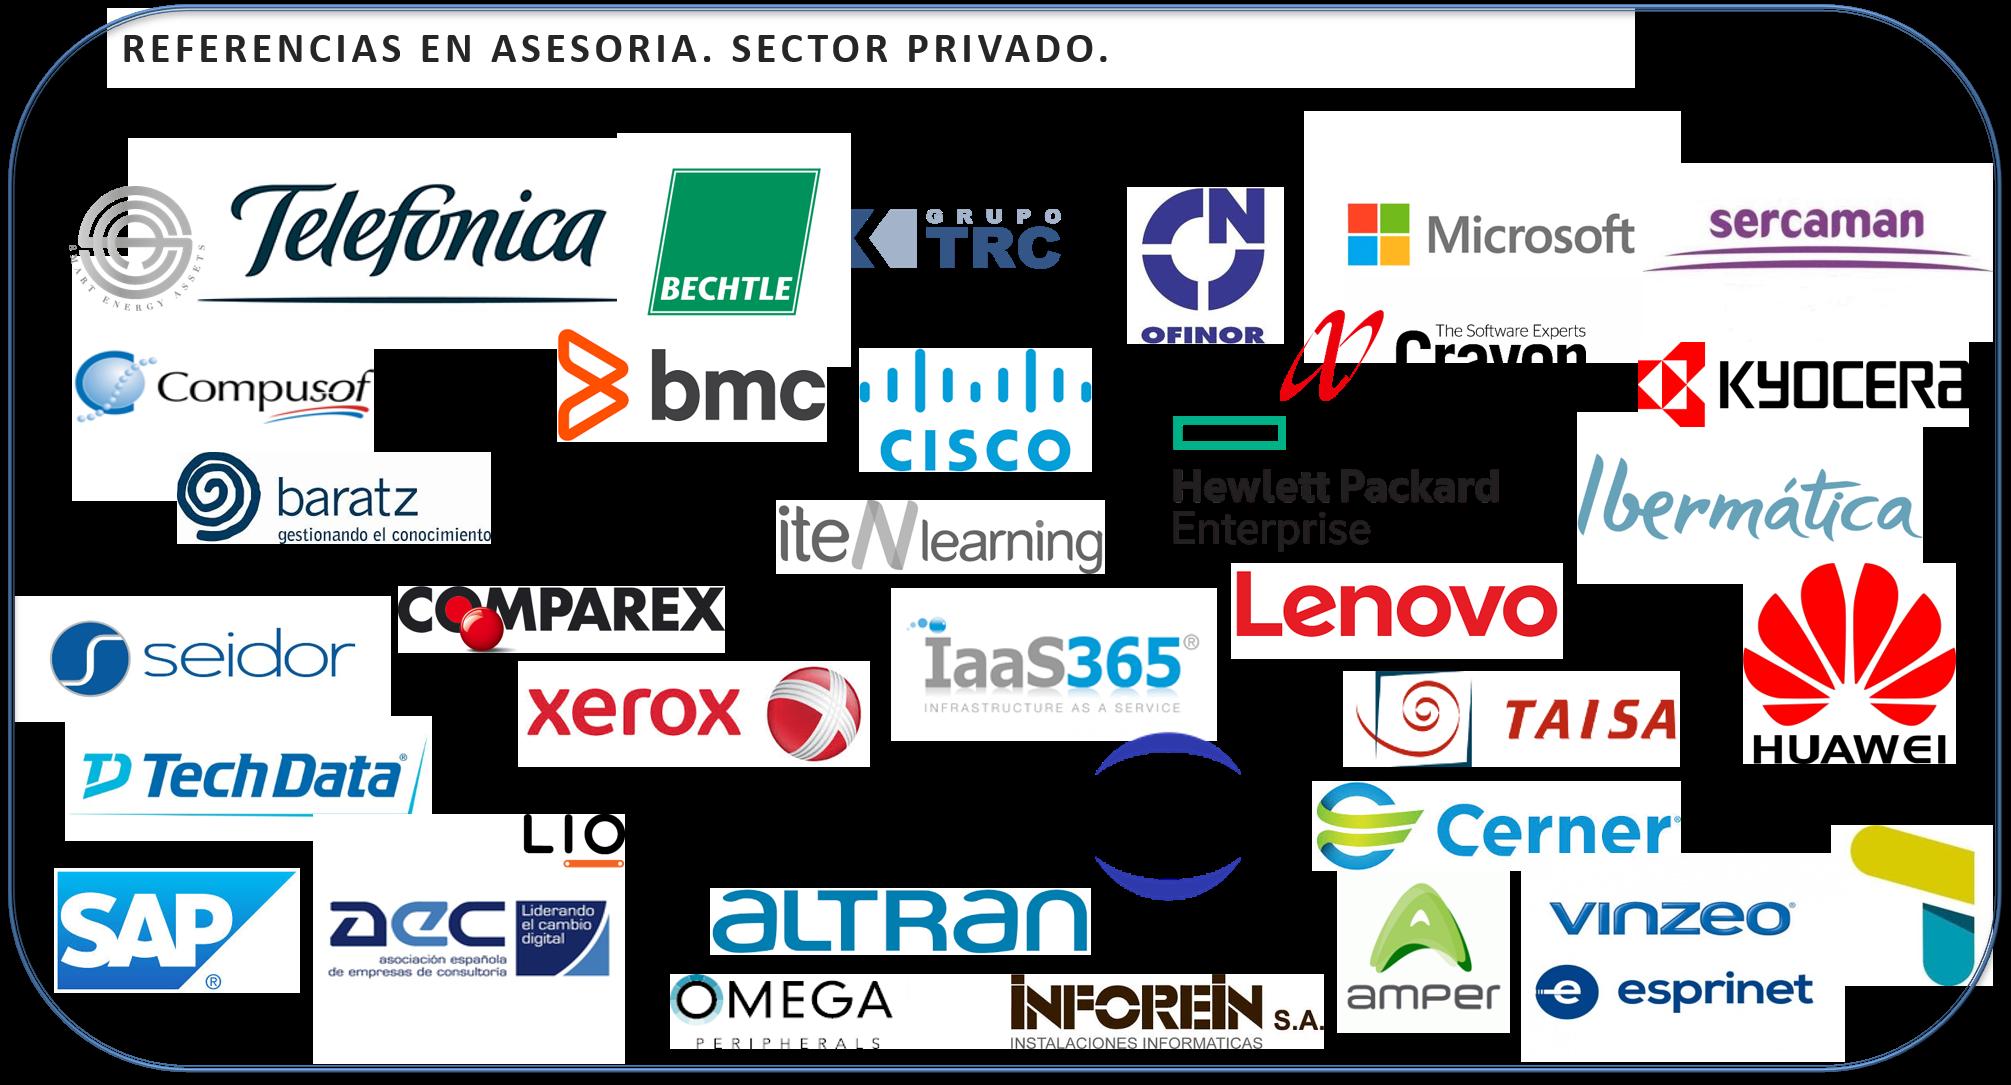 Referencias Sector Privado.